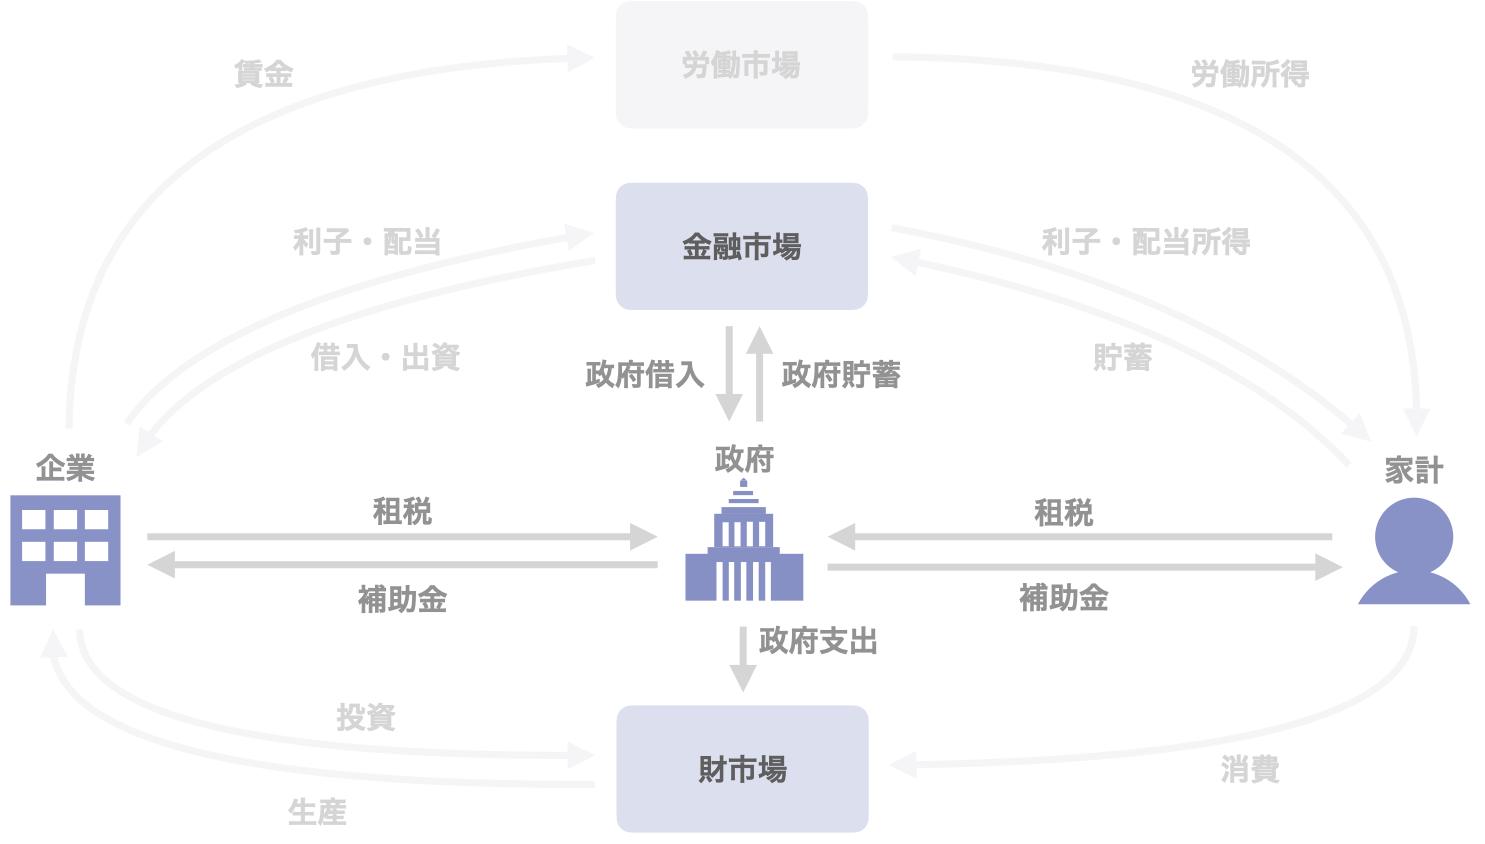 図3 政府の活動と市場・他の主体との関係